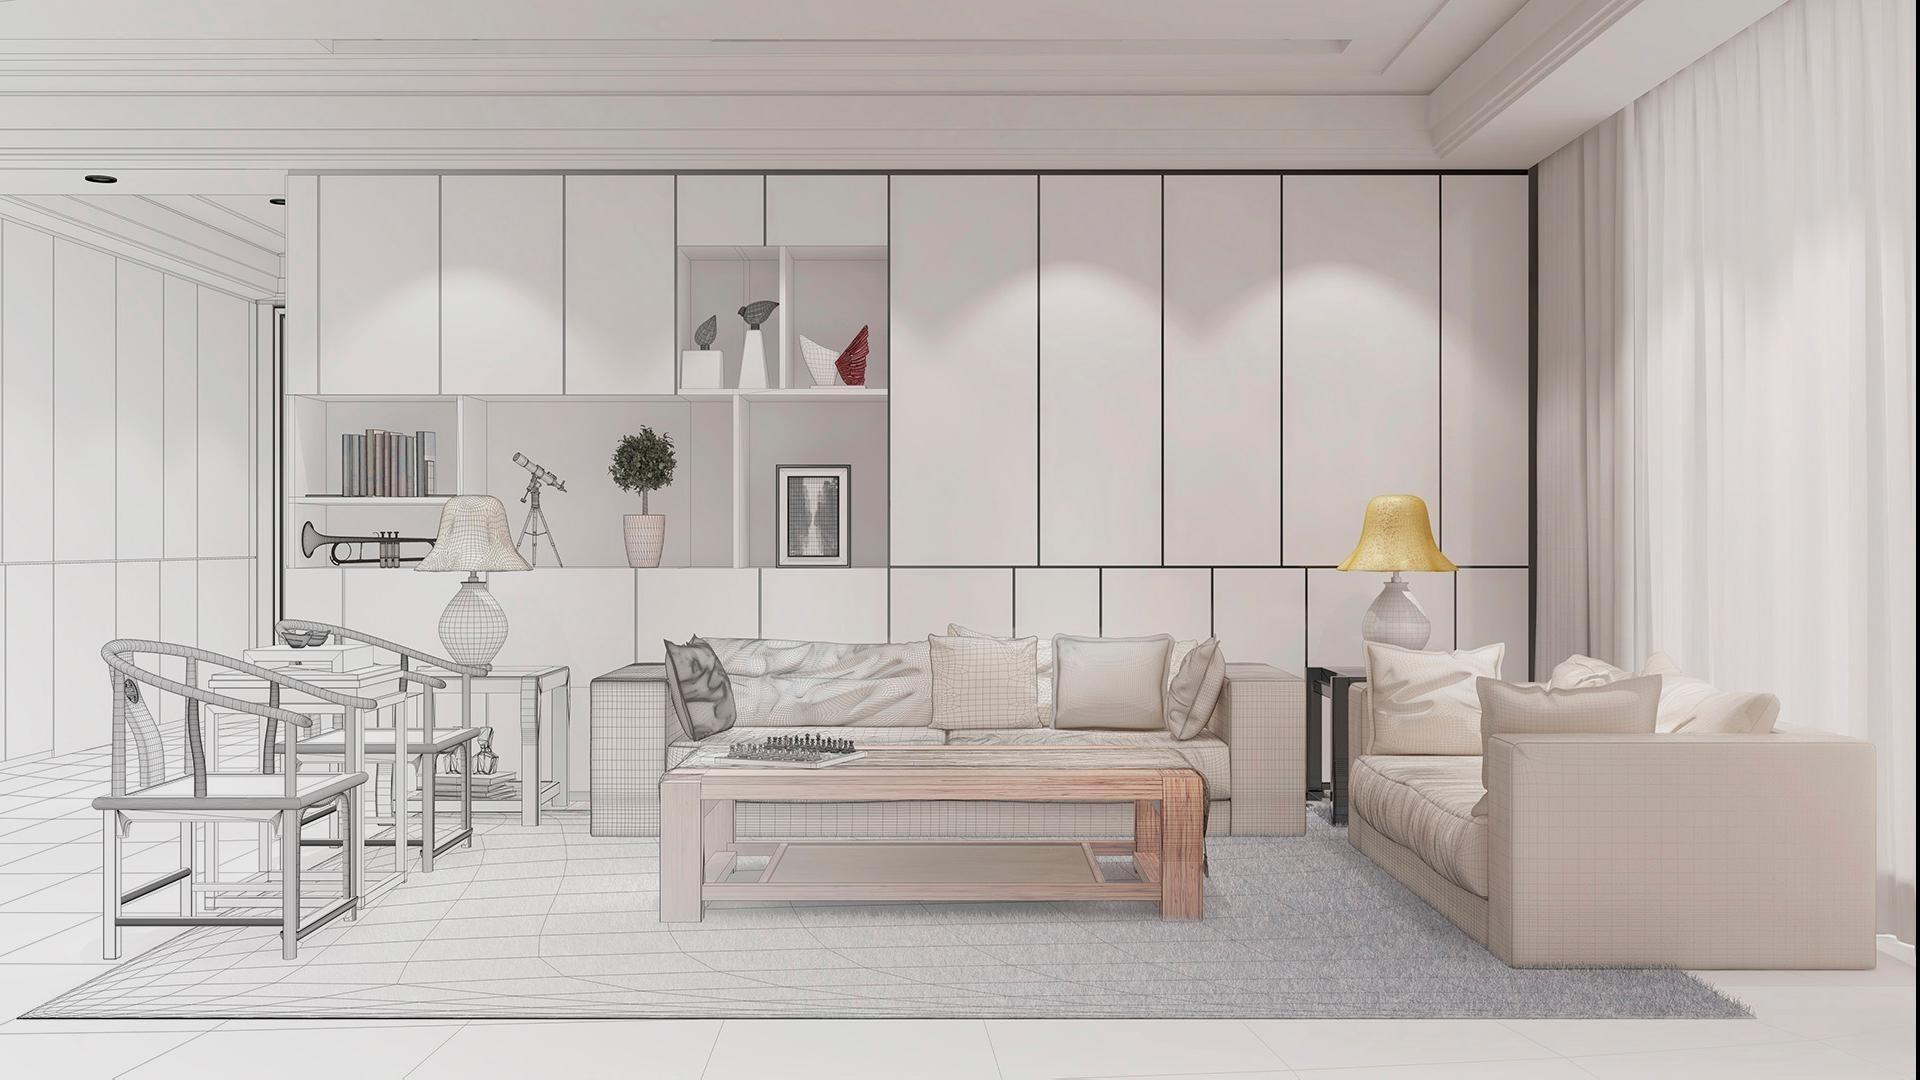 Curso superior universitario en decoración, interiorismo y gestión de proyectos (ACAD + 3D)